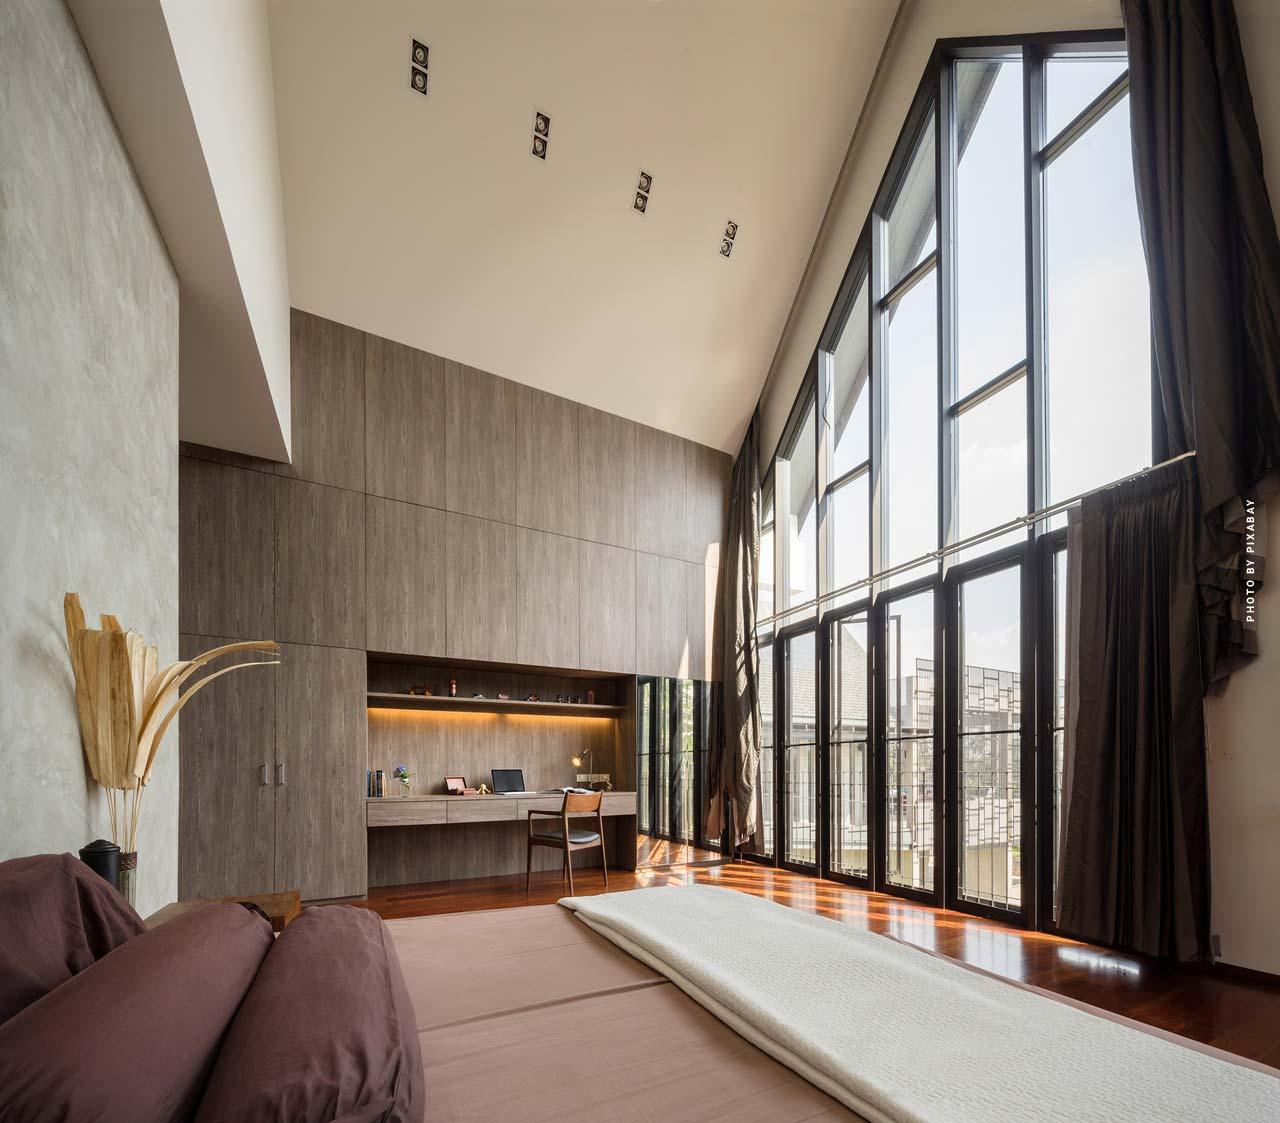 Luxus Immobilienmakler Frankfurt: Eigentumswohnung, Haus und Kapitalanlage